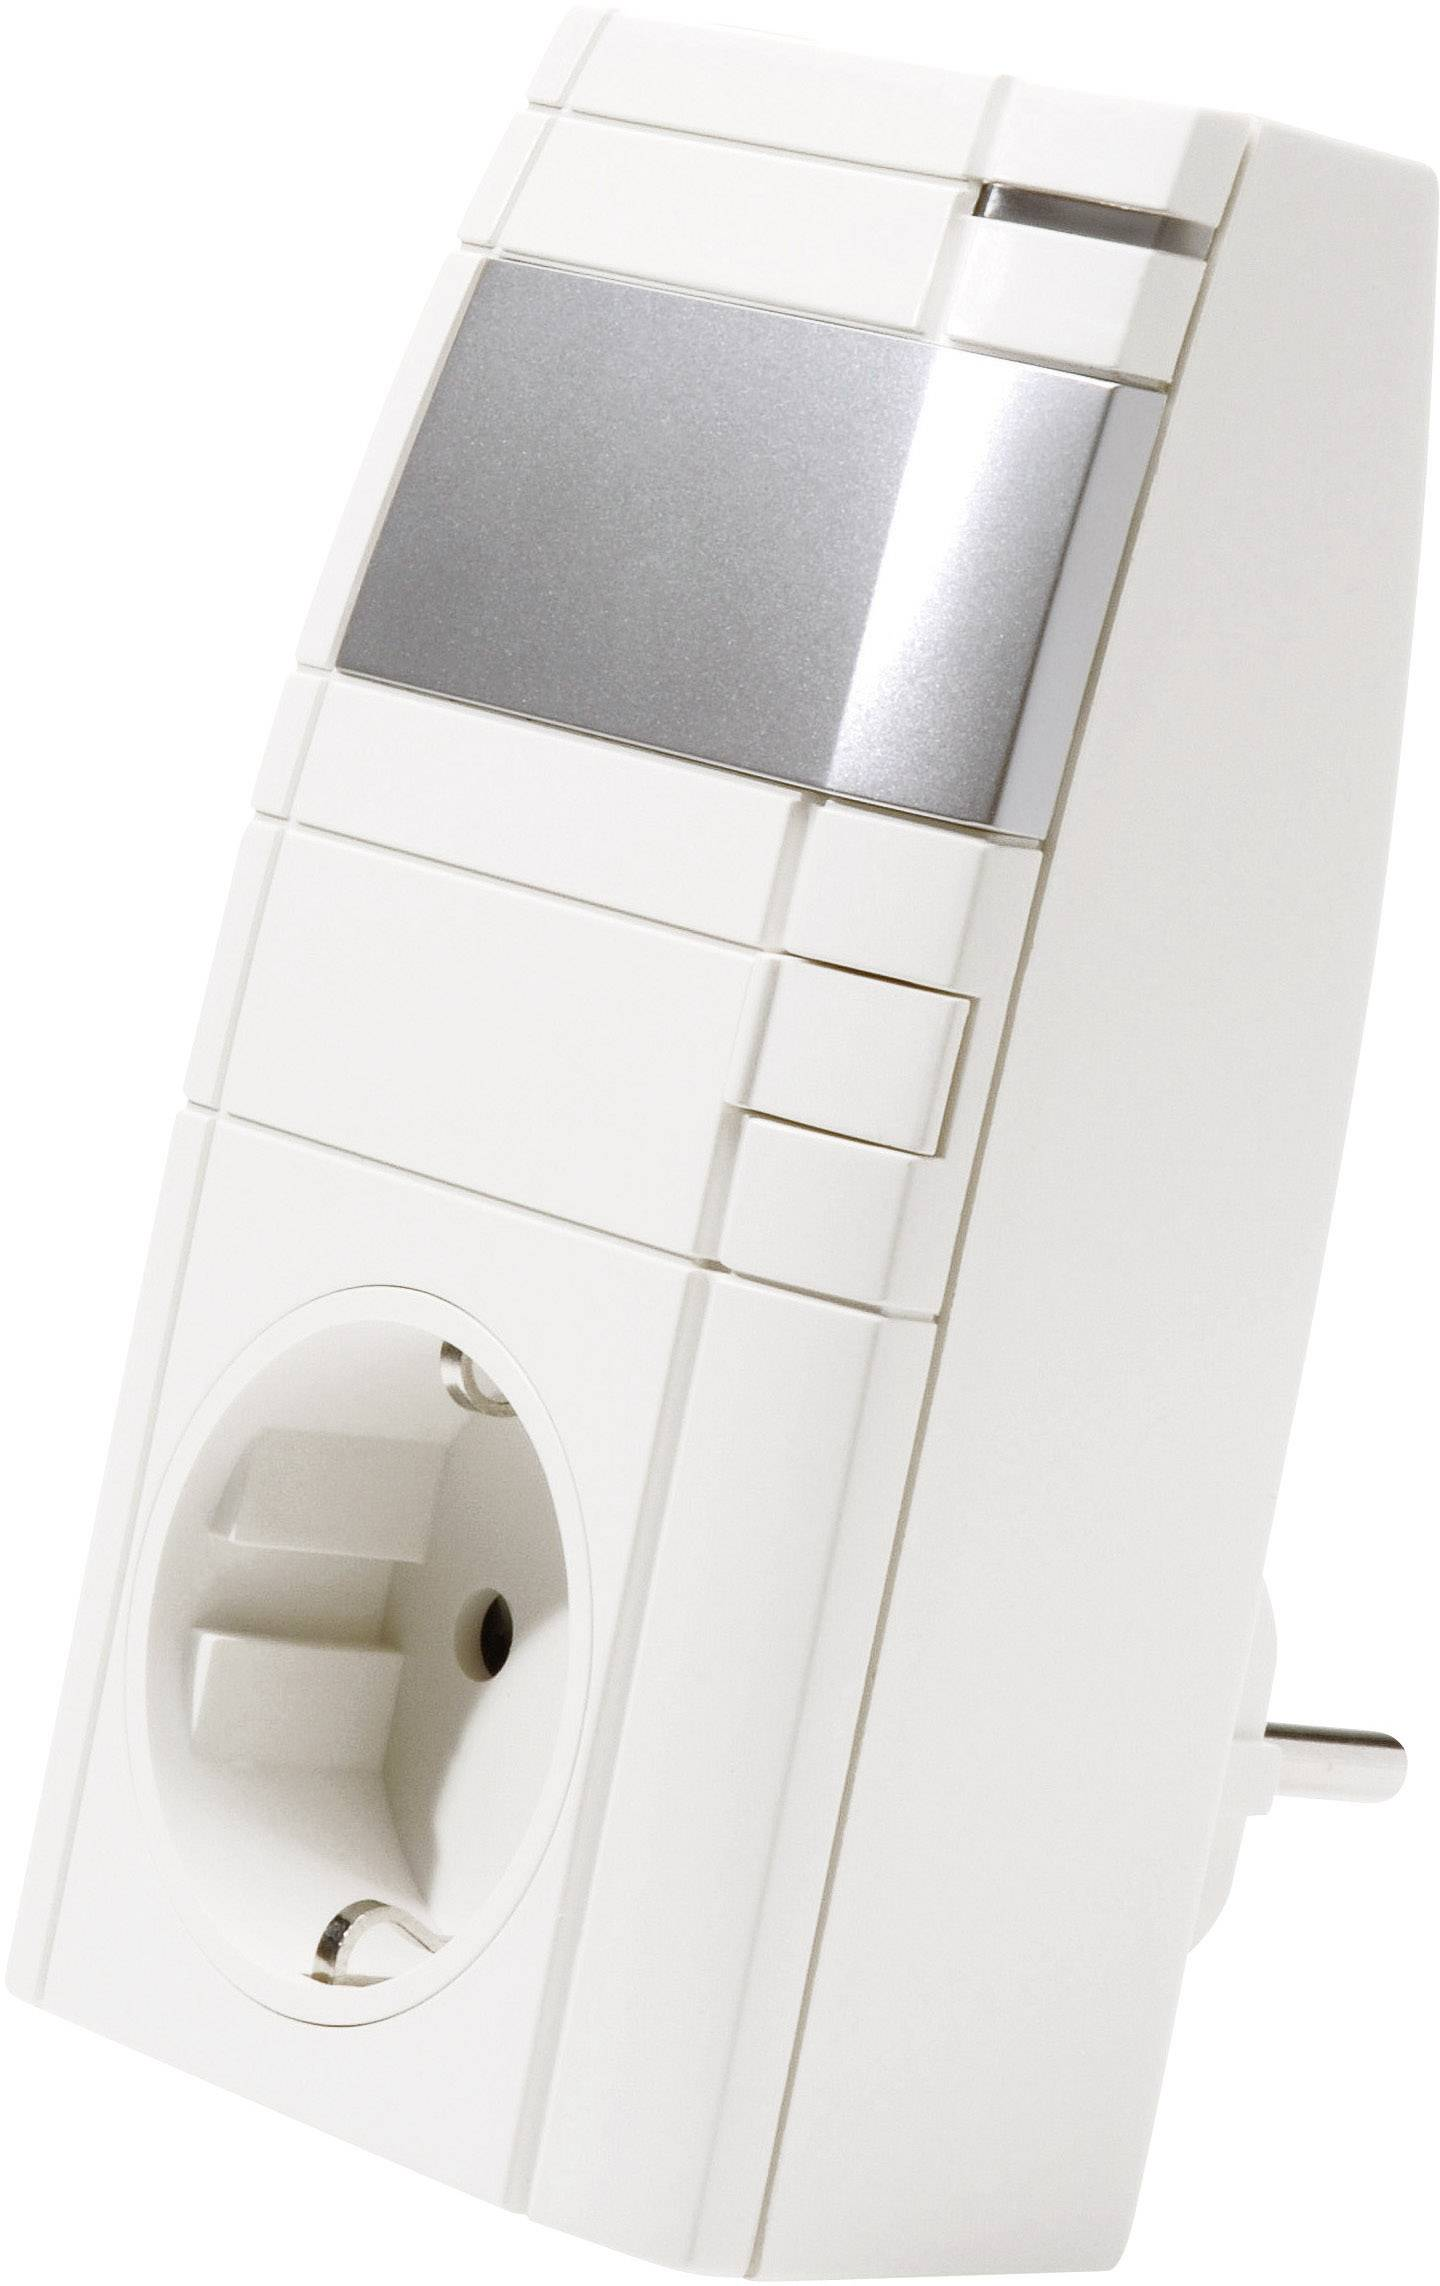 Bezdrôtový fázový stmievač prepojovací konektor HomeMatic HM-LC-Dim1T-Pl-3 132087 1-kanálový